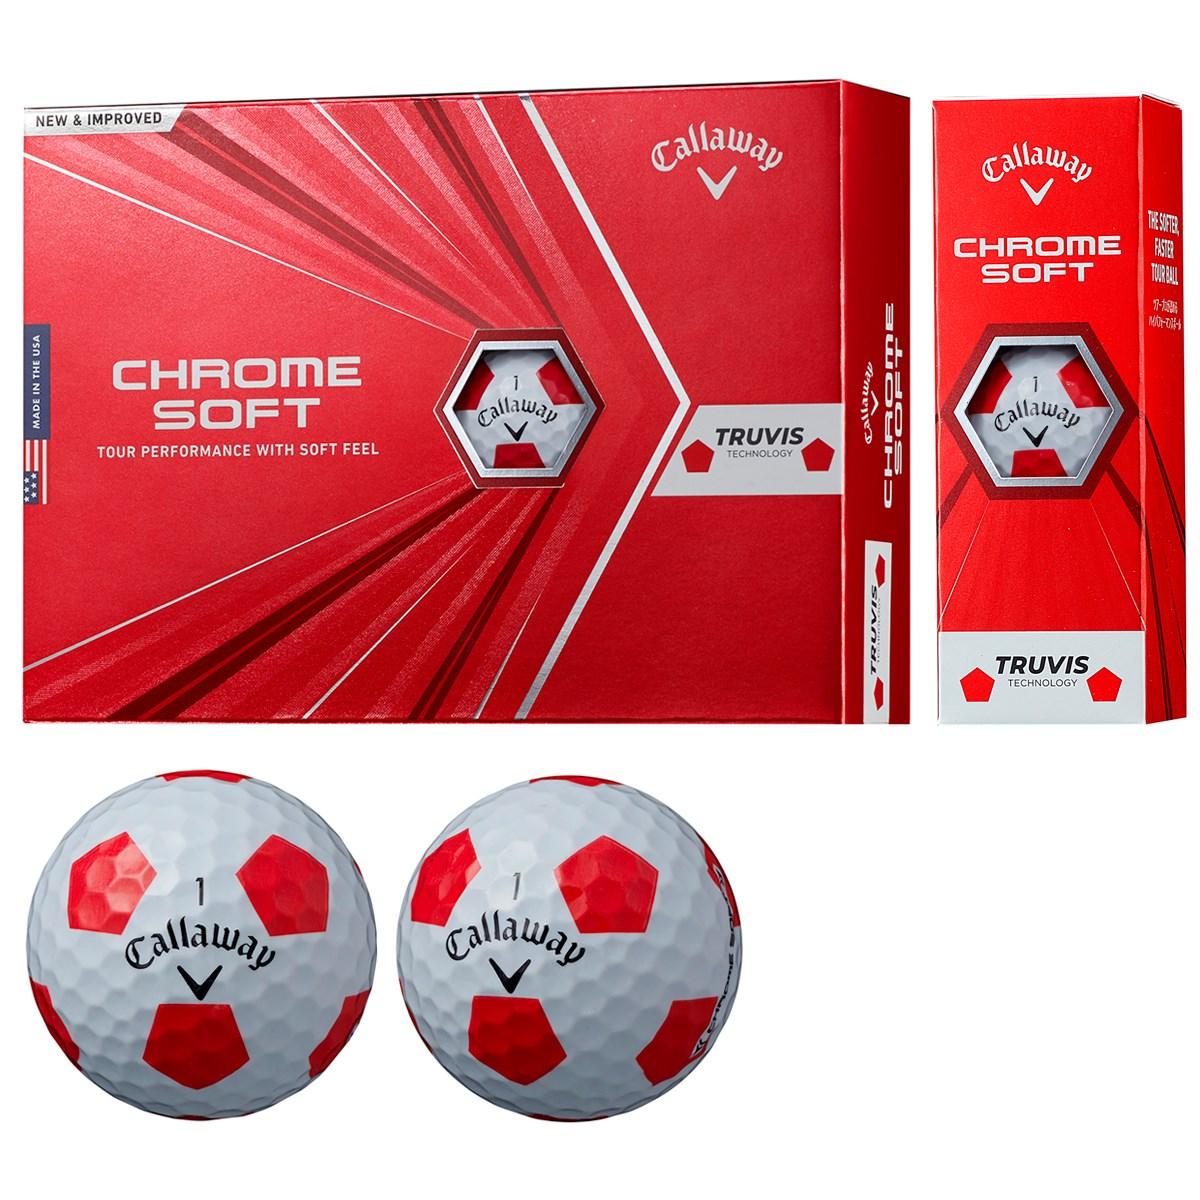 キャロウェイゴルフ CHROM SOFT CHROME SOFT ボール 1ダース(12個入り) ホワイト/レッド